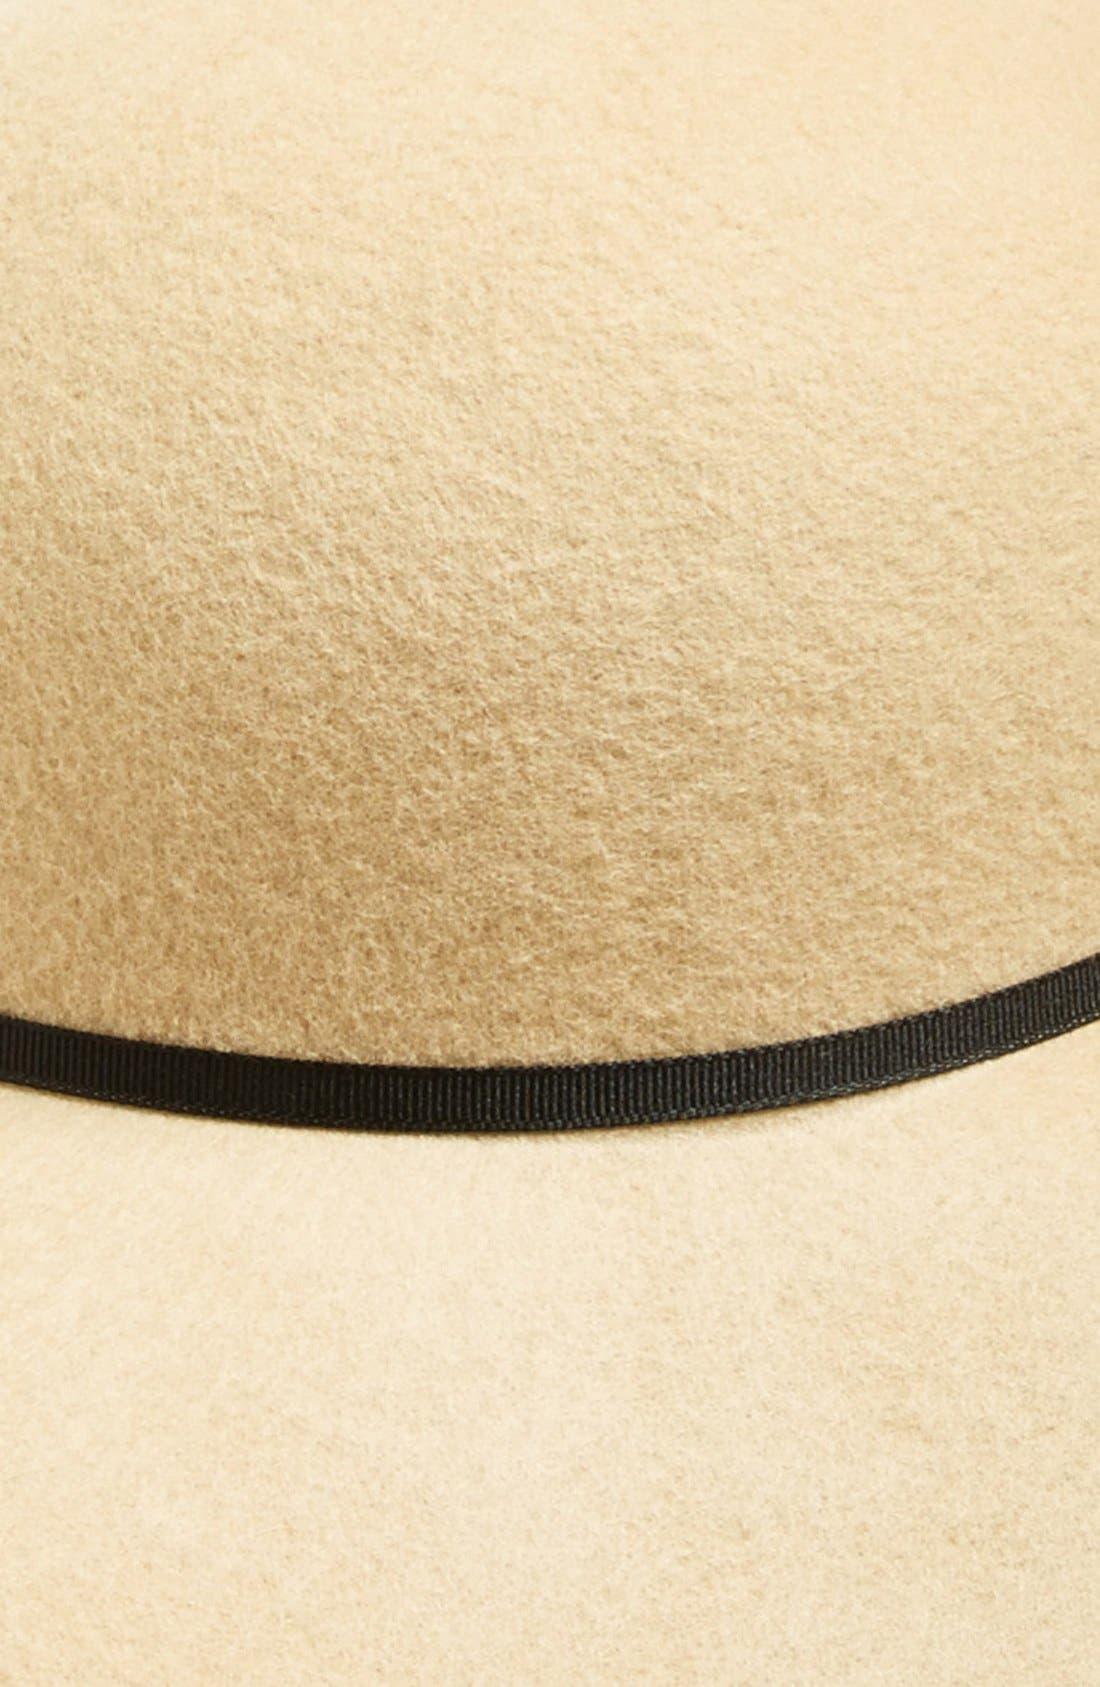 Alternate Image 2  - Topshop Floppy Wool Hat